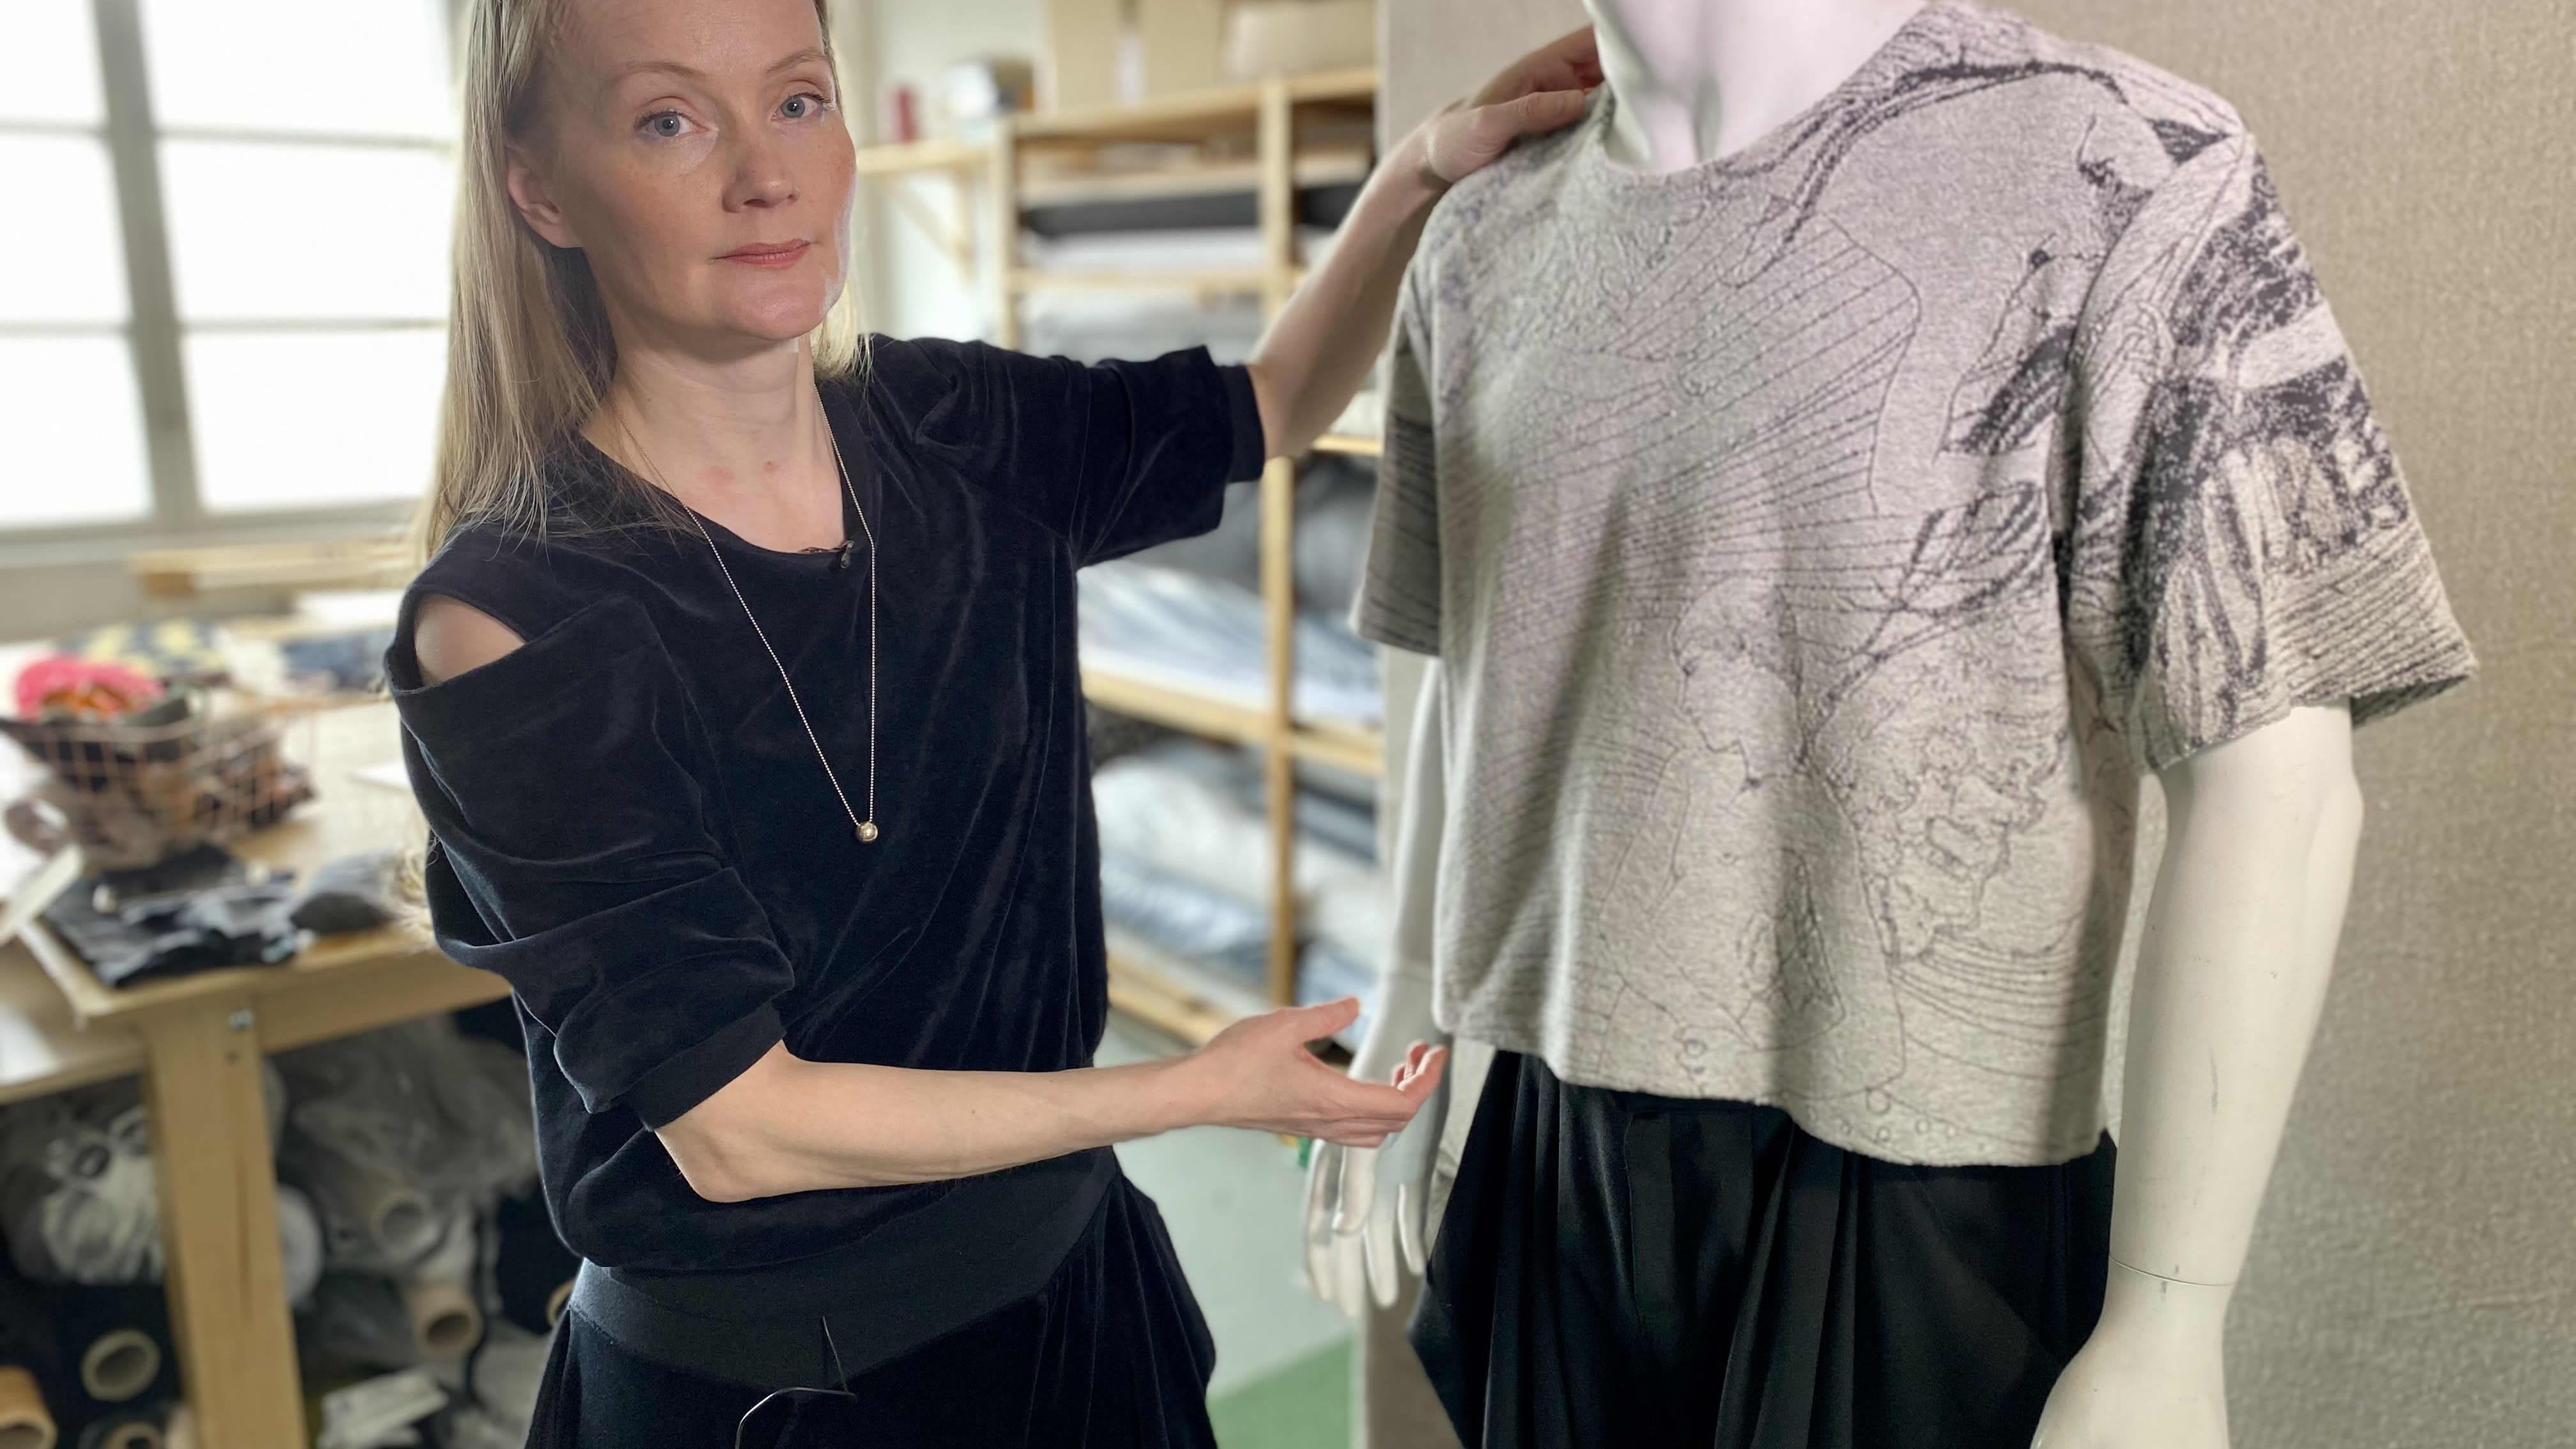 Vaaleahiuksinen nainen sovittaa t-paitaa muotinuken päälle.